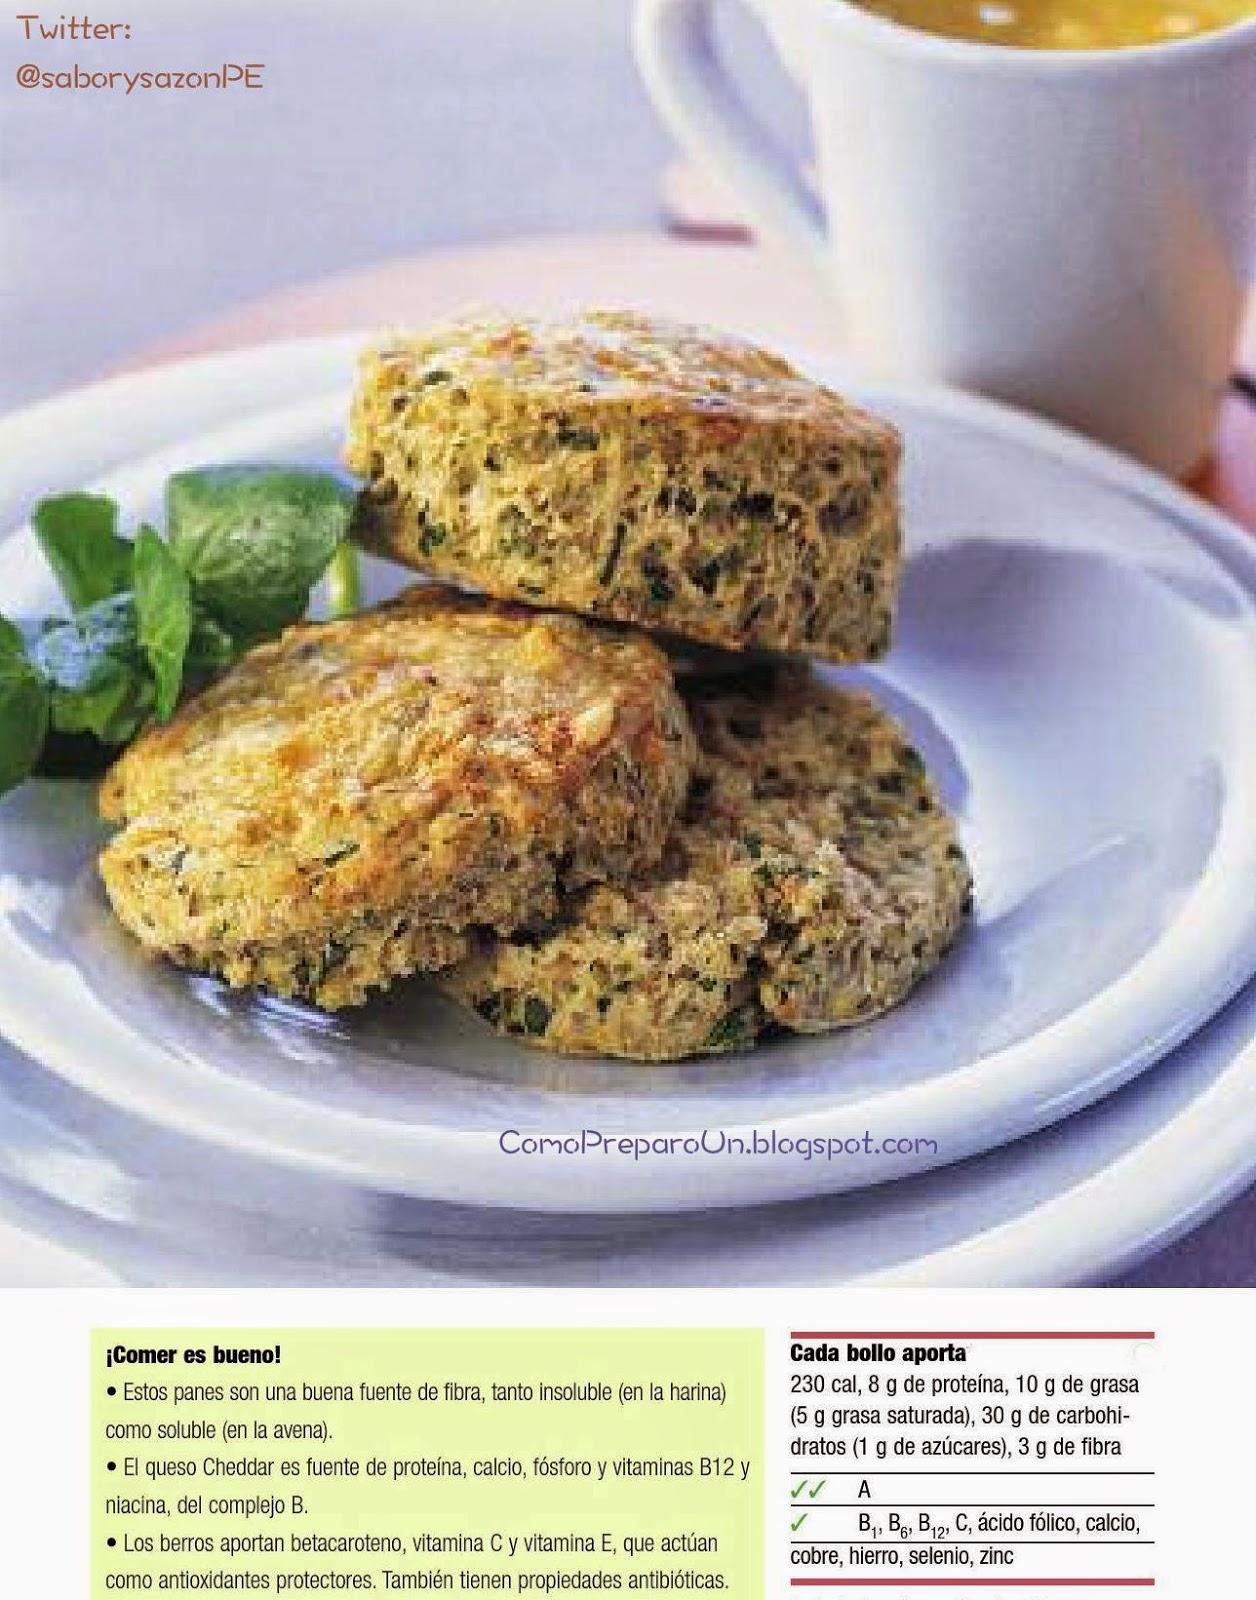 Una receta sencilla y rápida para los amantes de la comida saludable. Una deliciosa receta con menos de 300 calorias que no puedes perderte